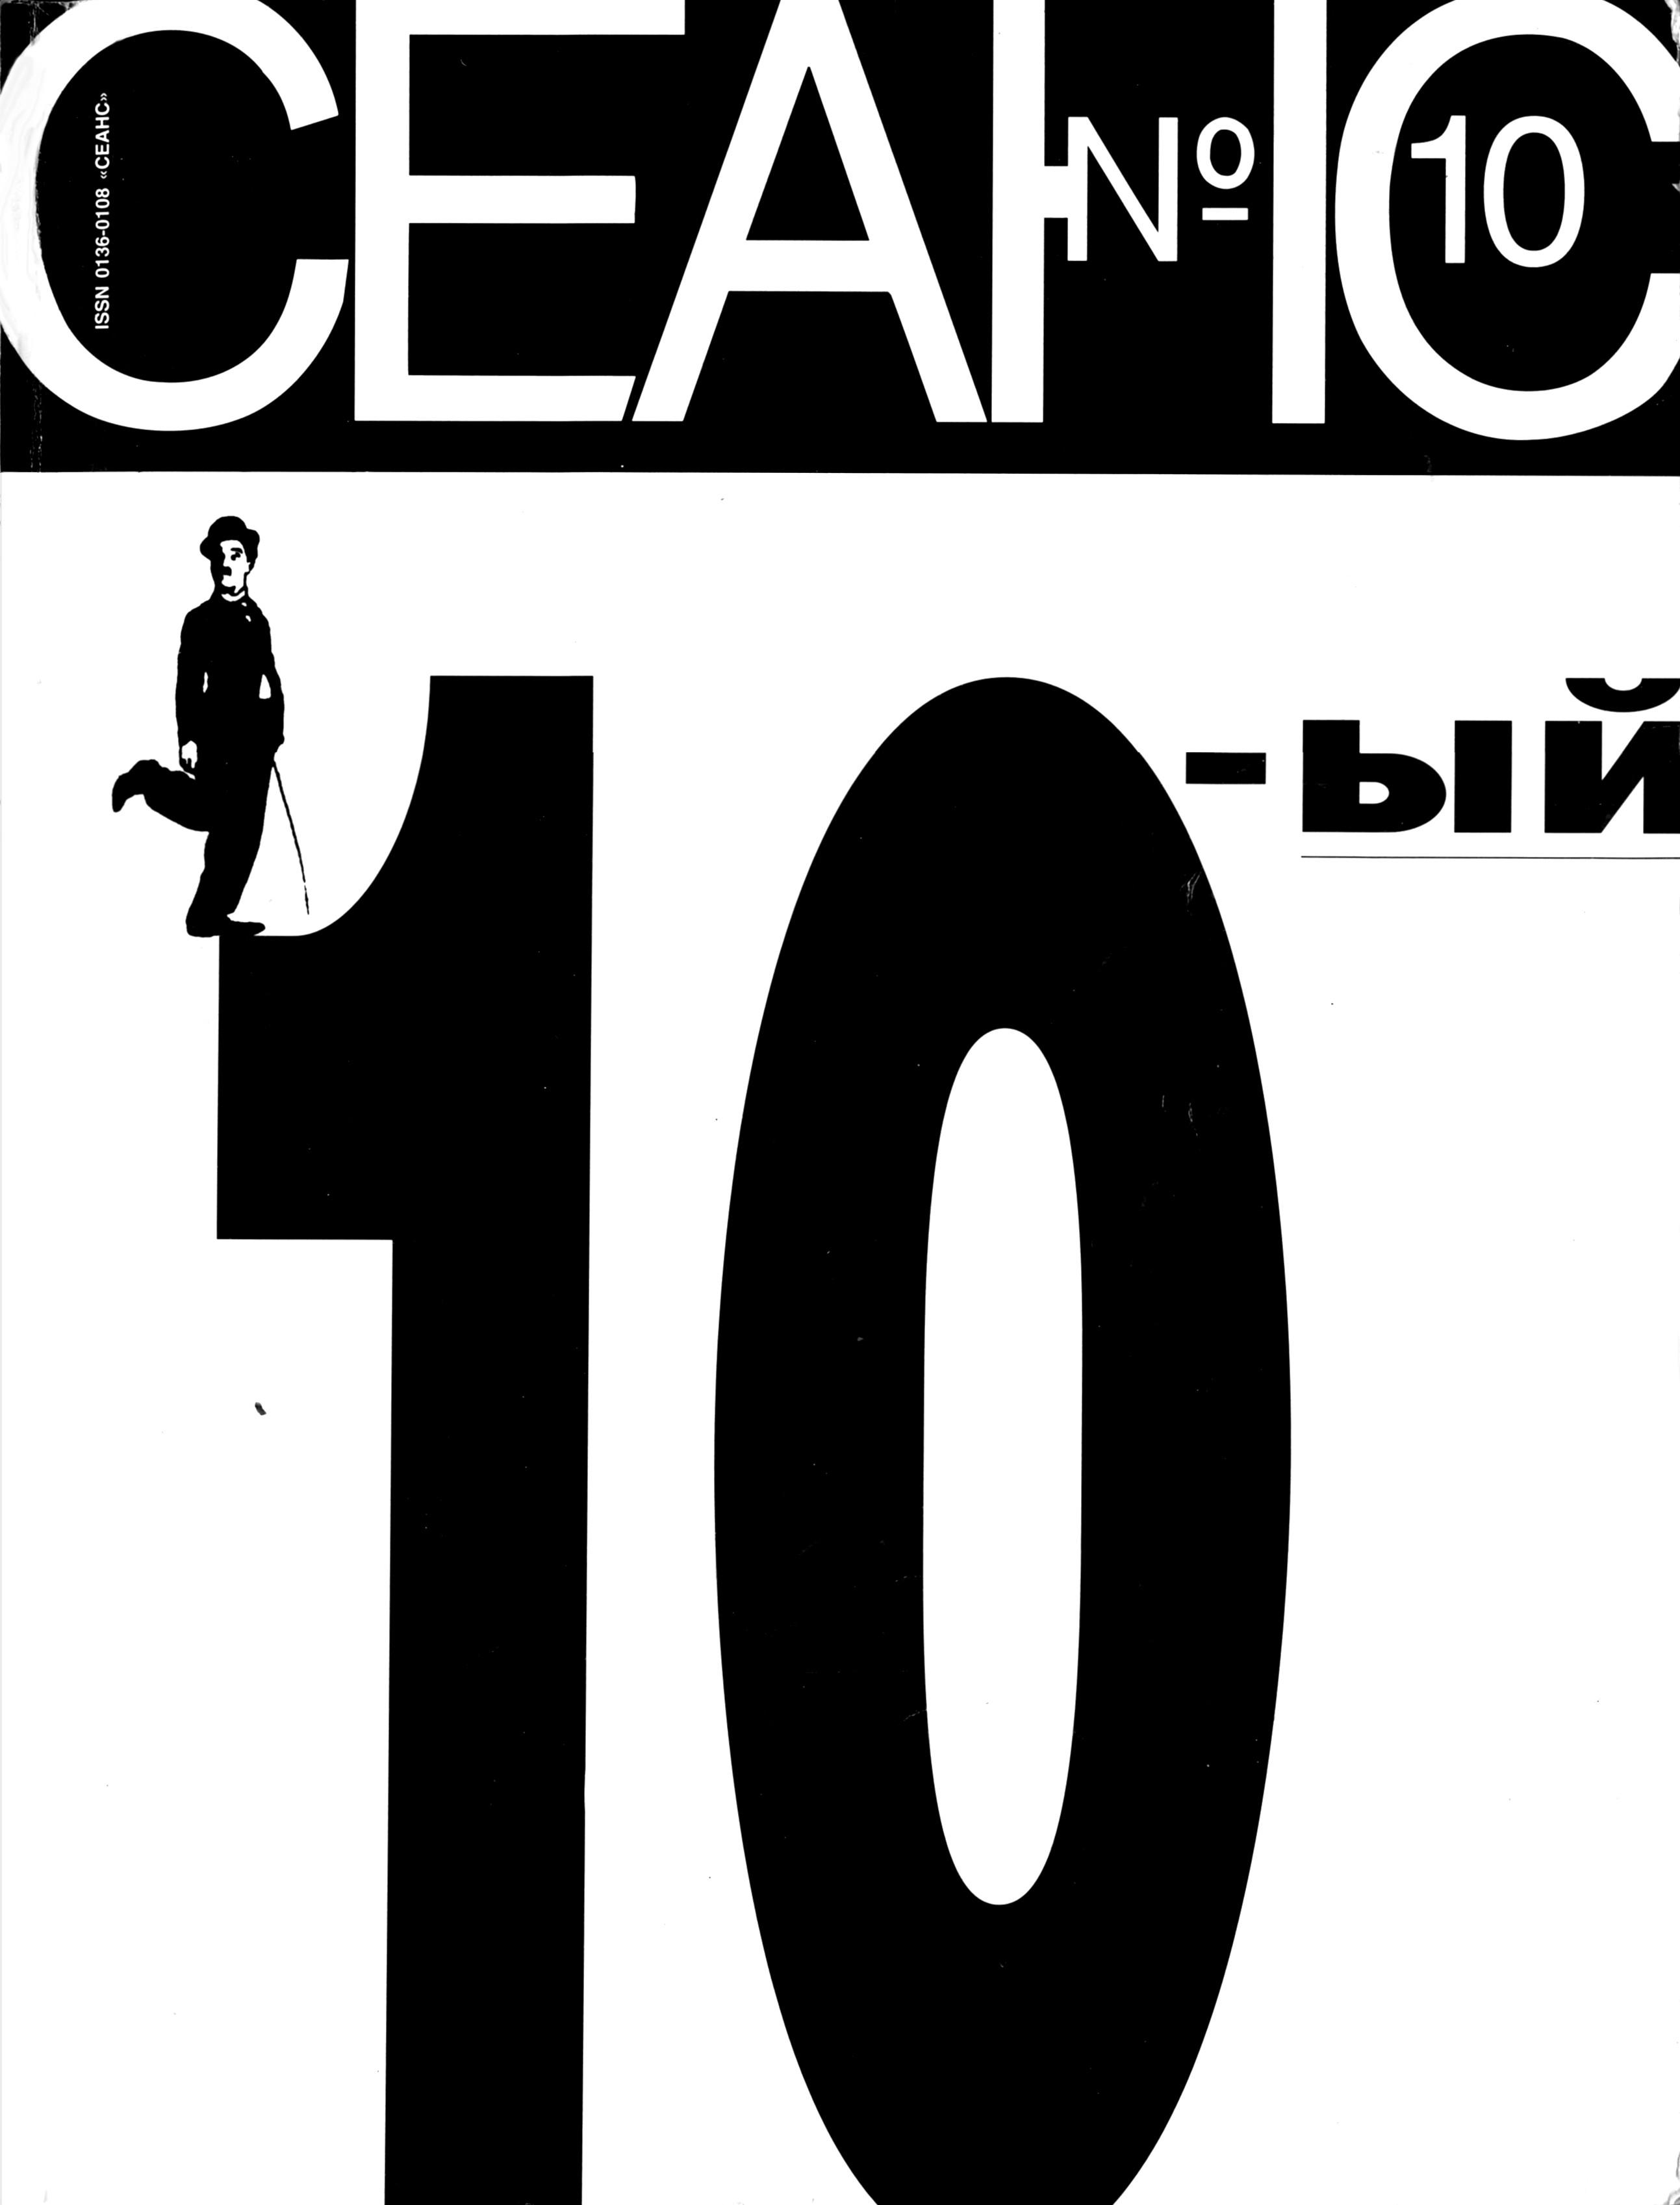 СЕАНС - 10